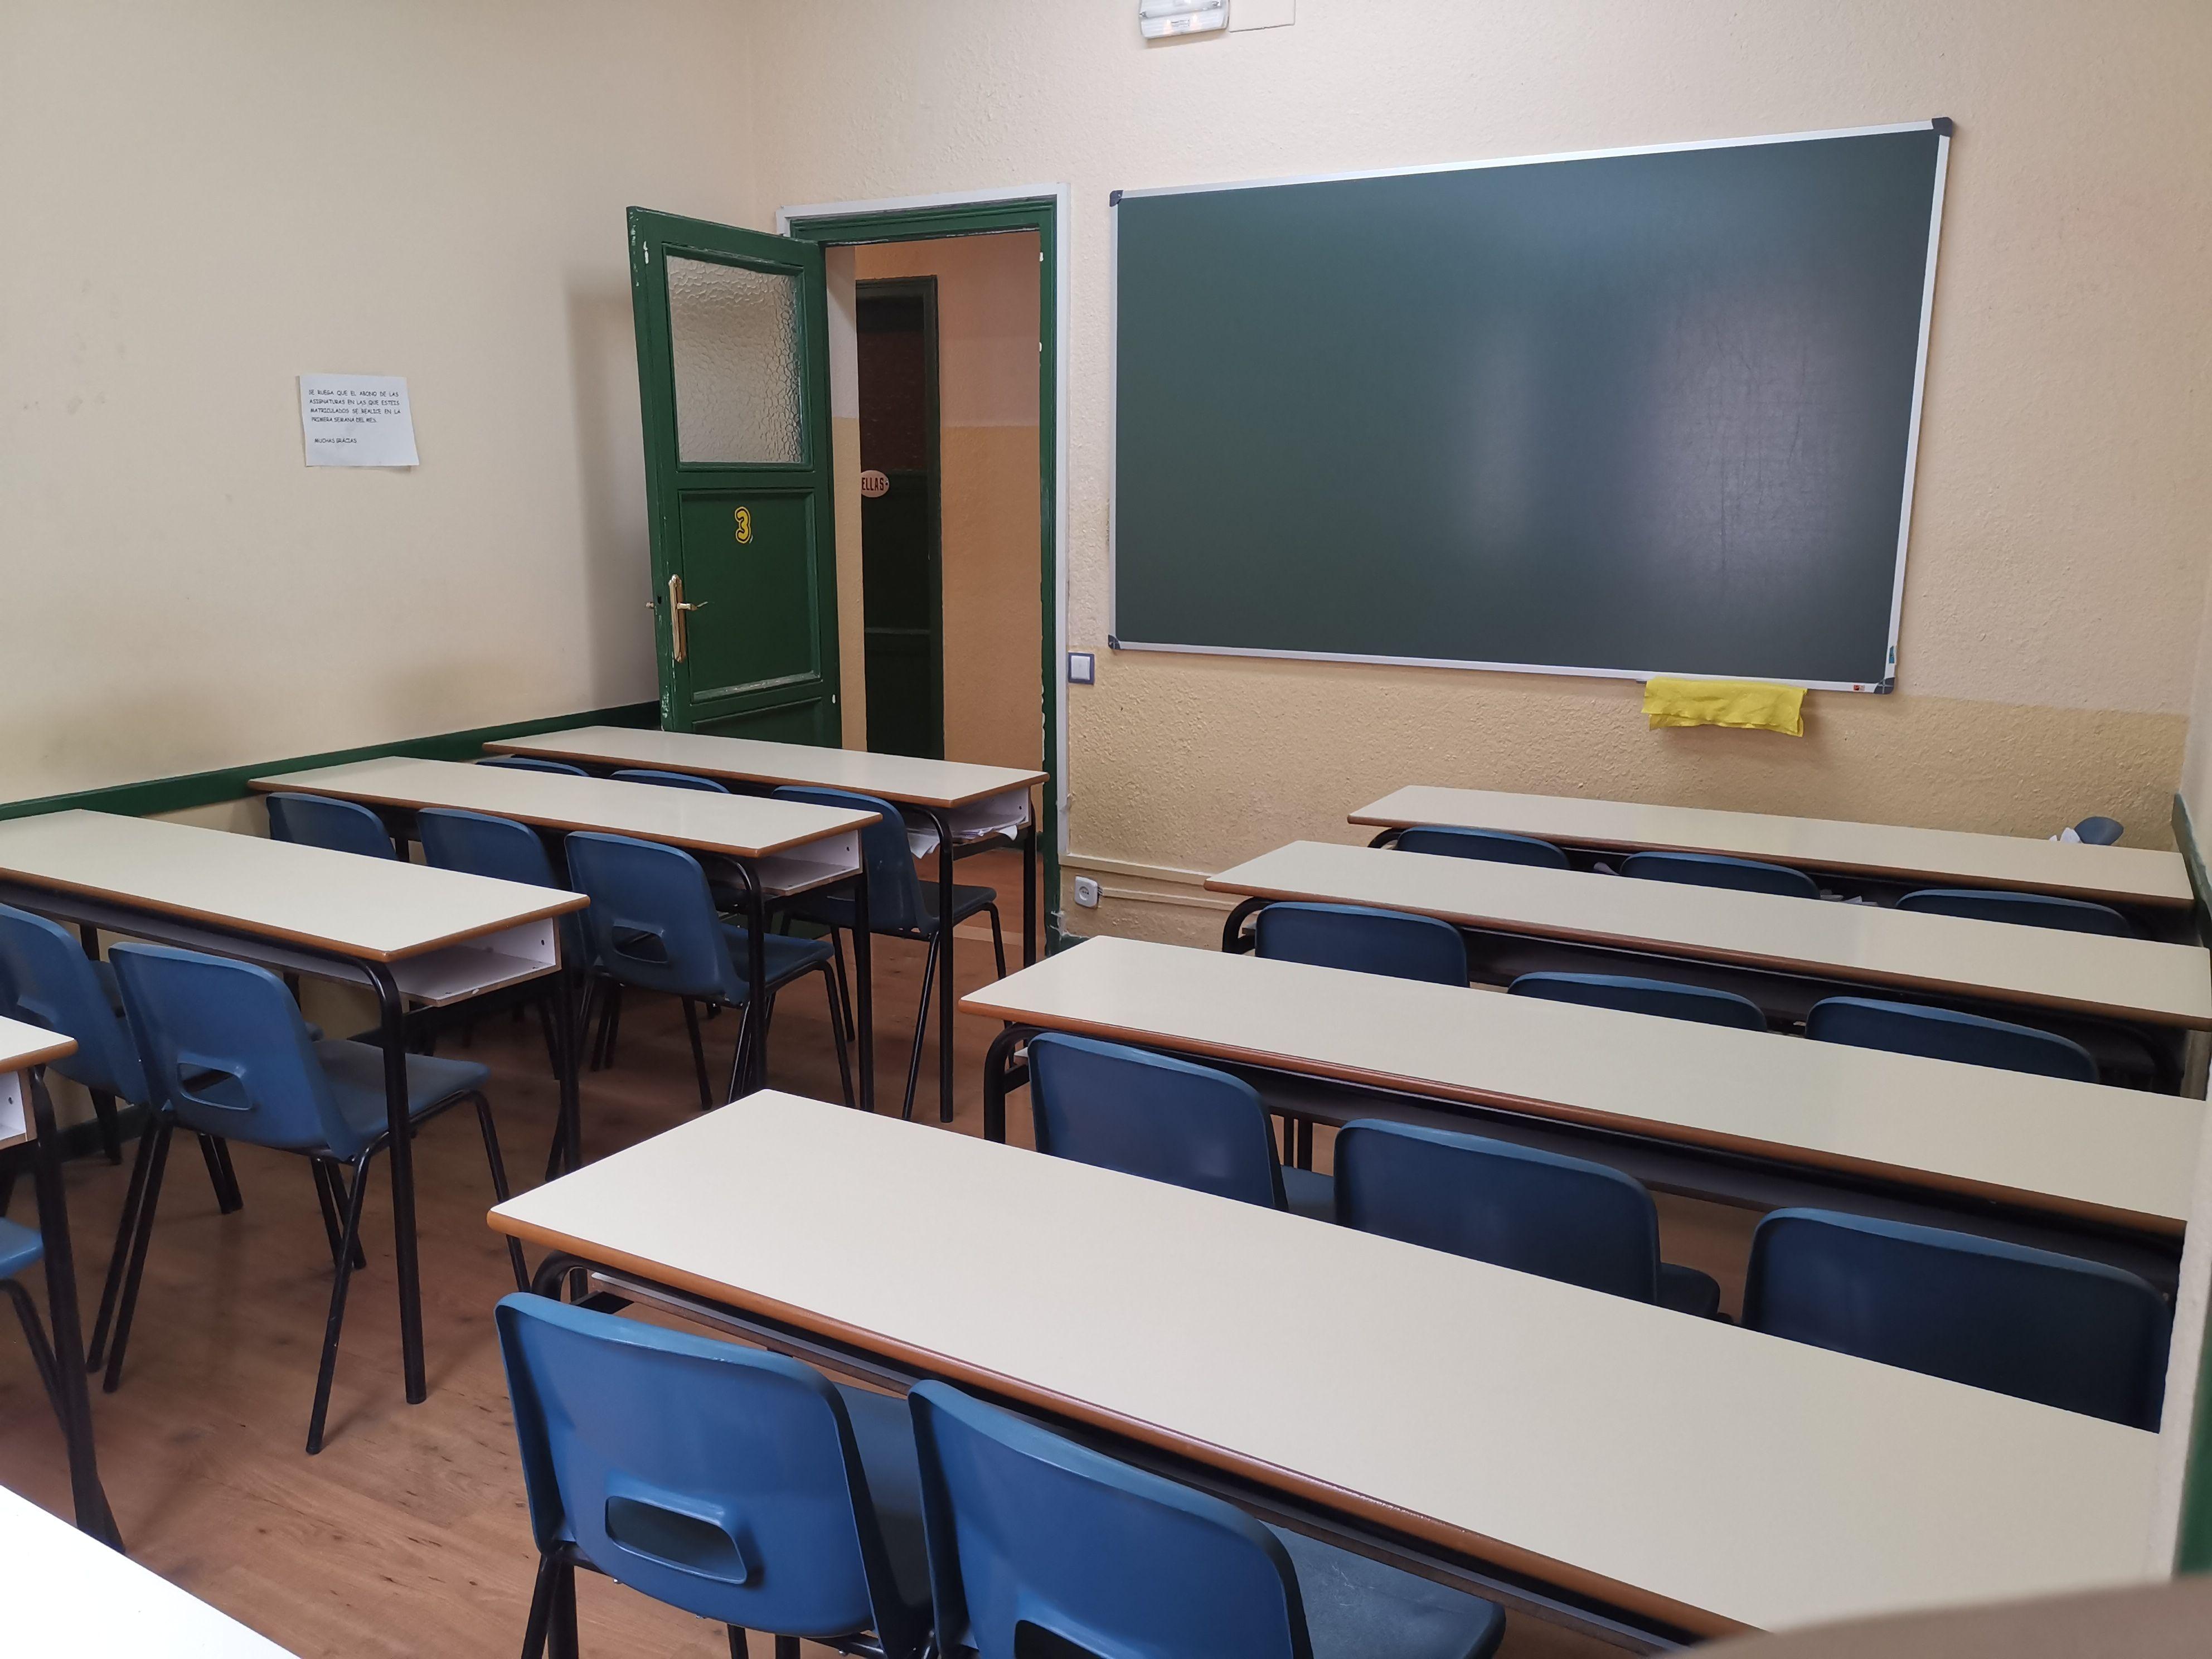 Academia online en Moncloa, Madrid